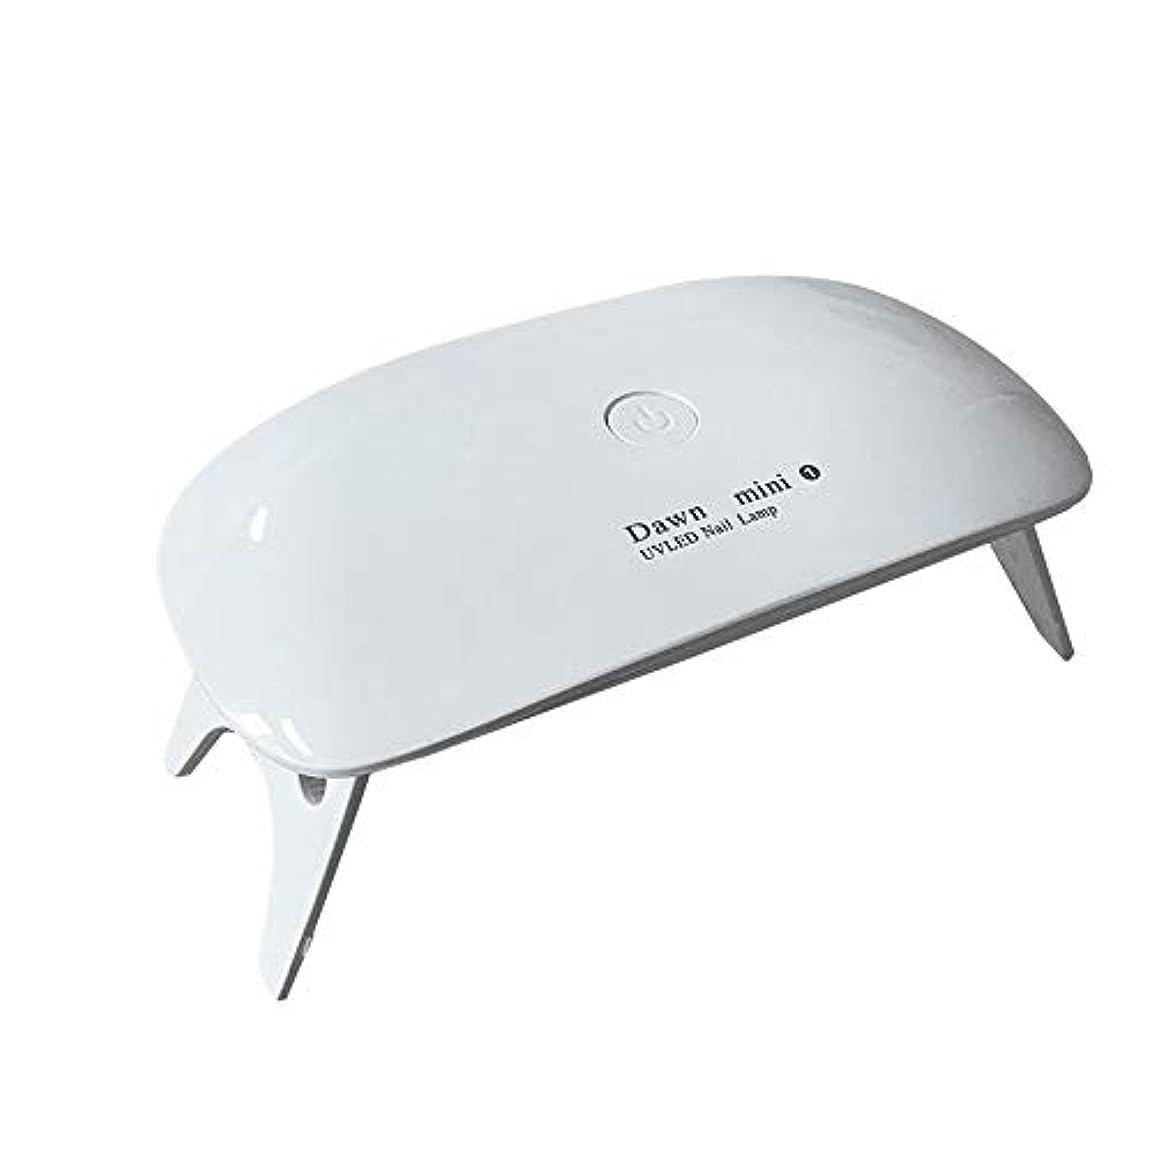 量パトワ鉄SunnFx UVライト LEDネイルドライヤー レジン用 硬化ライト タイマー設定可能 手足とも使える UV と LEDダブルライト ジェルネイル と レジンクラフト用 コンパクト 可愛い 折りたたみ式 携帯型 (ホワイト)